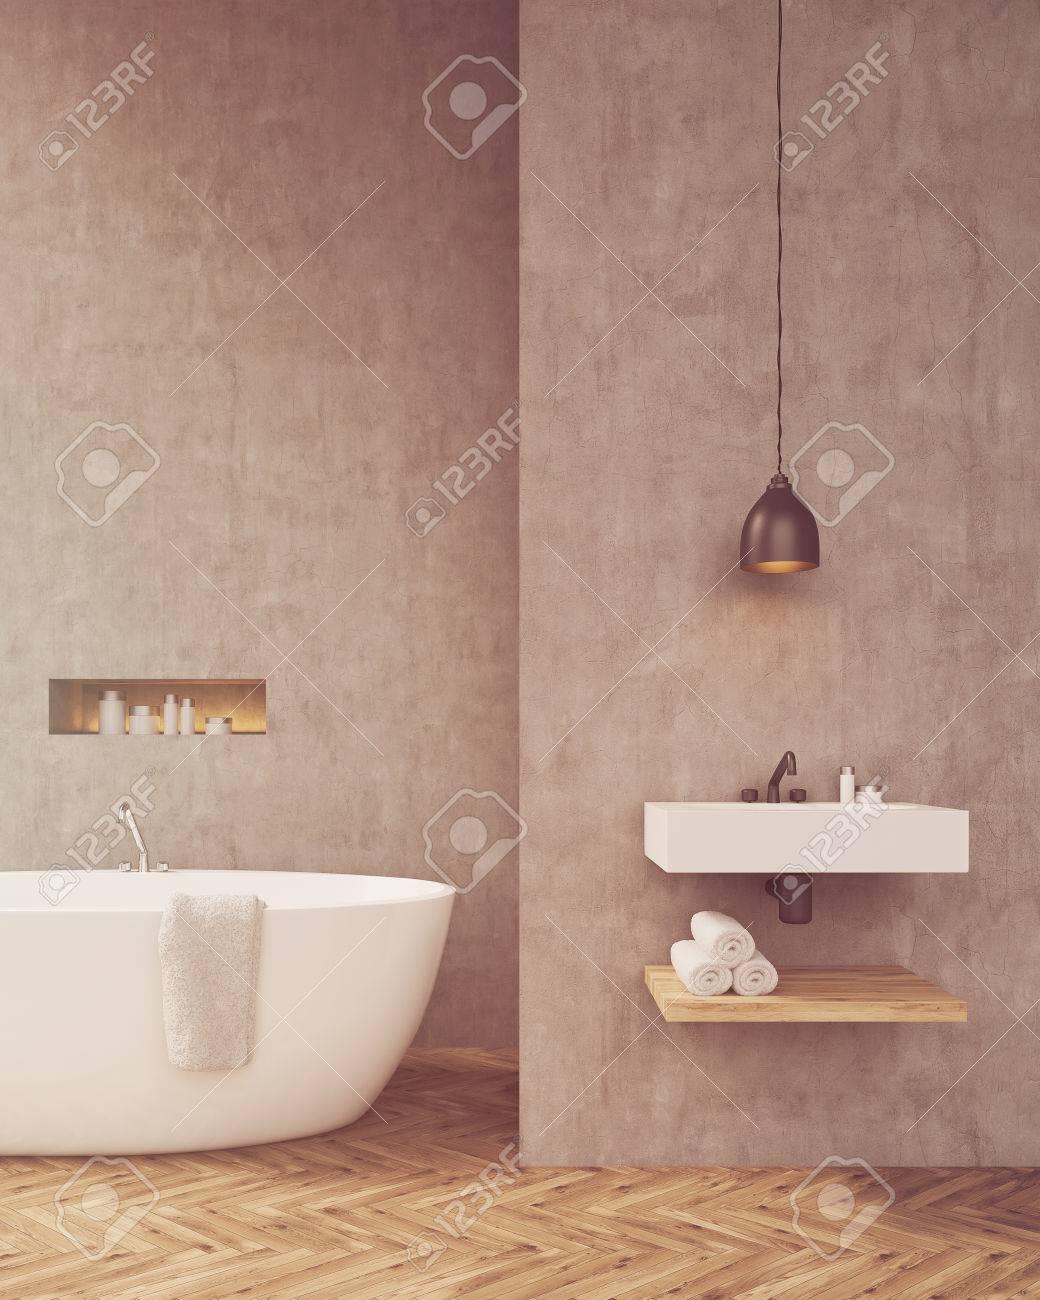 Ongekend Zonovergoten Badkamer Met Wastafel En Plank Voor Handdoeken YE-33